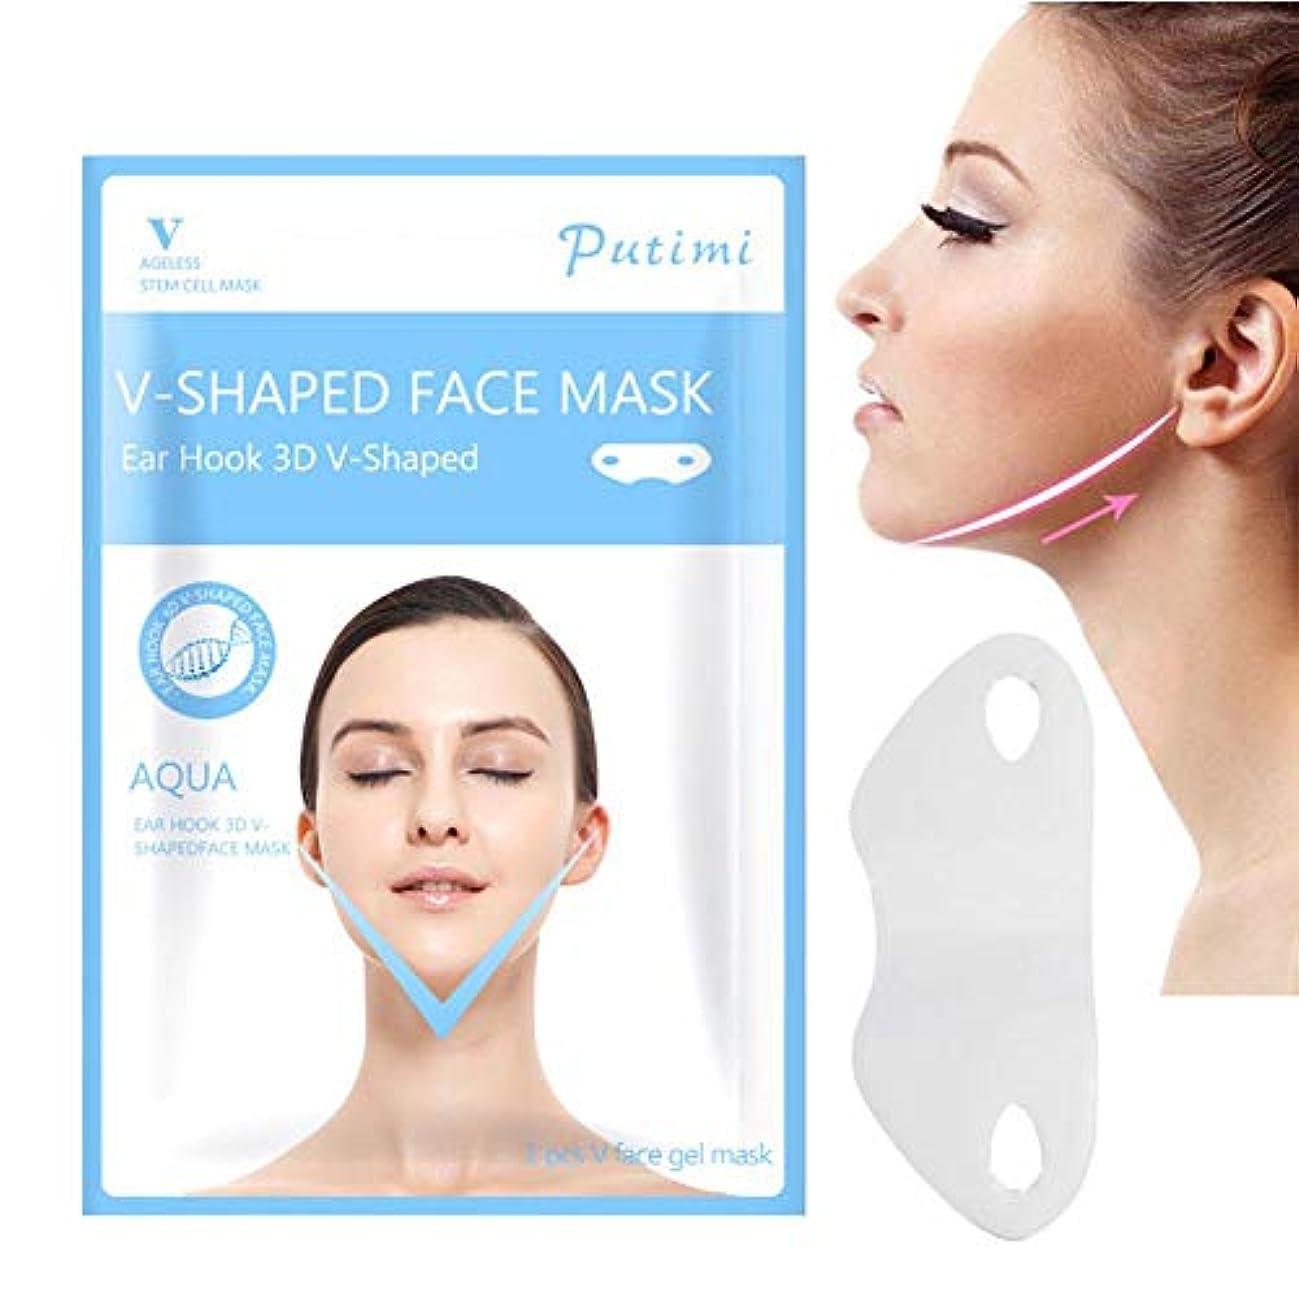 スカーフ思い出スペースSILUN 最新型 Vフェイシャルマスク フェイスマスク 小顔 マスク フェイスラインベルト 美顔 顔痩せ 保湿 血行を促進する 睡眠マスク